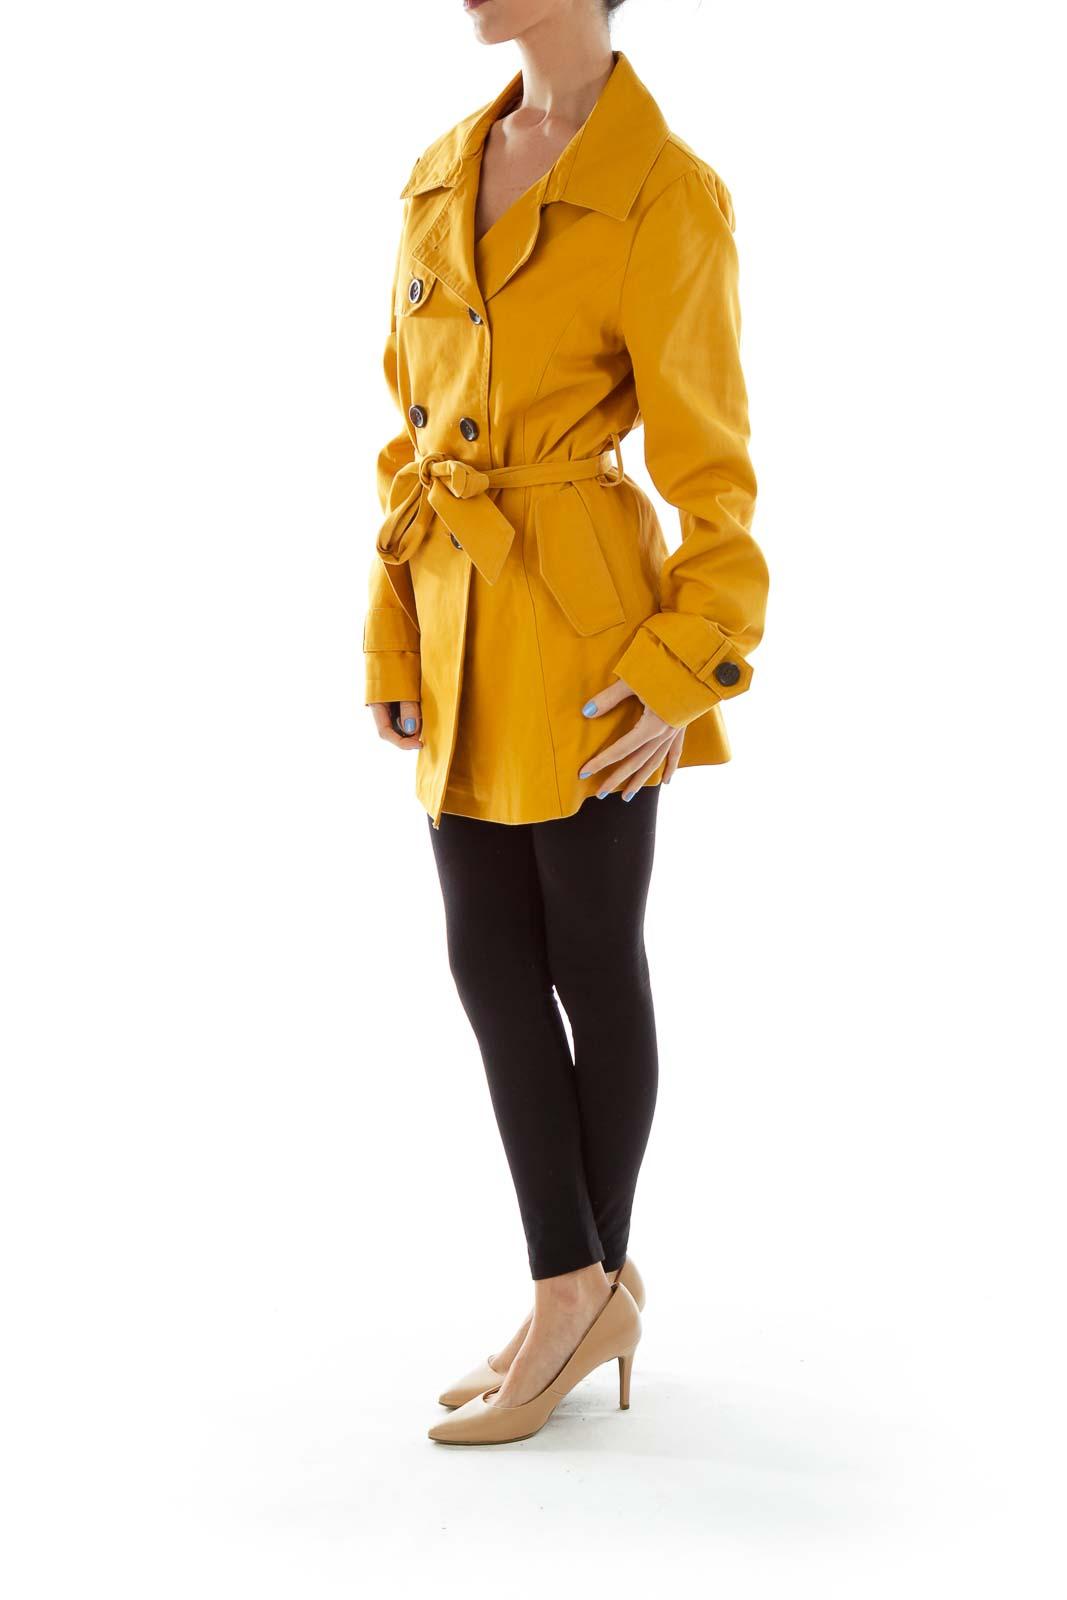 Mustard Yellow Trench Coat